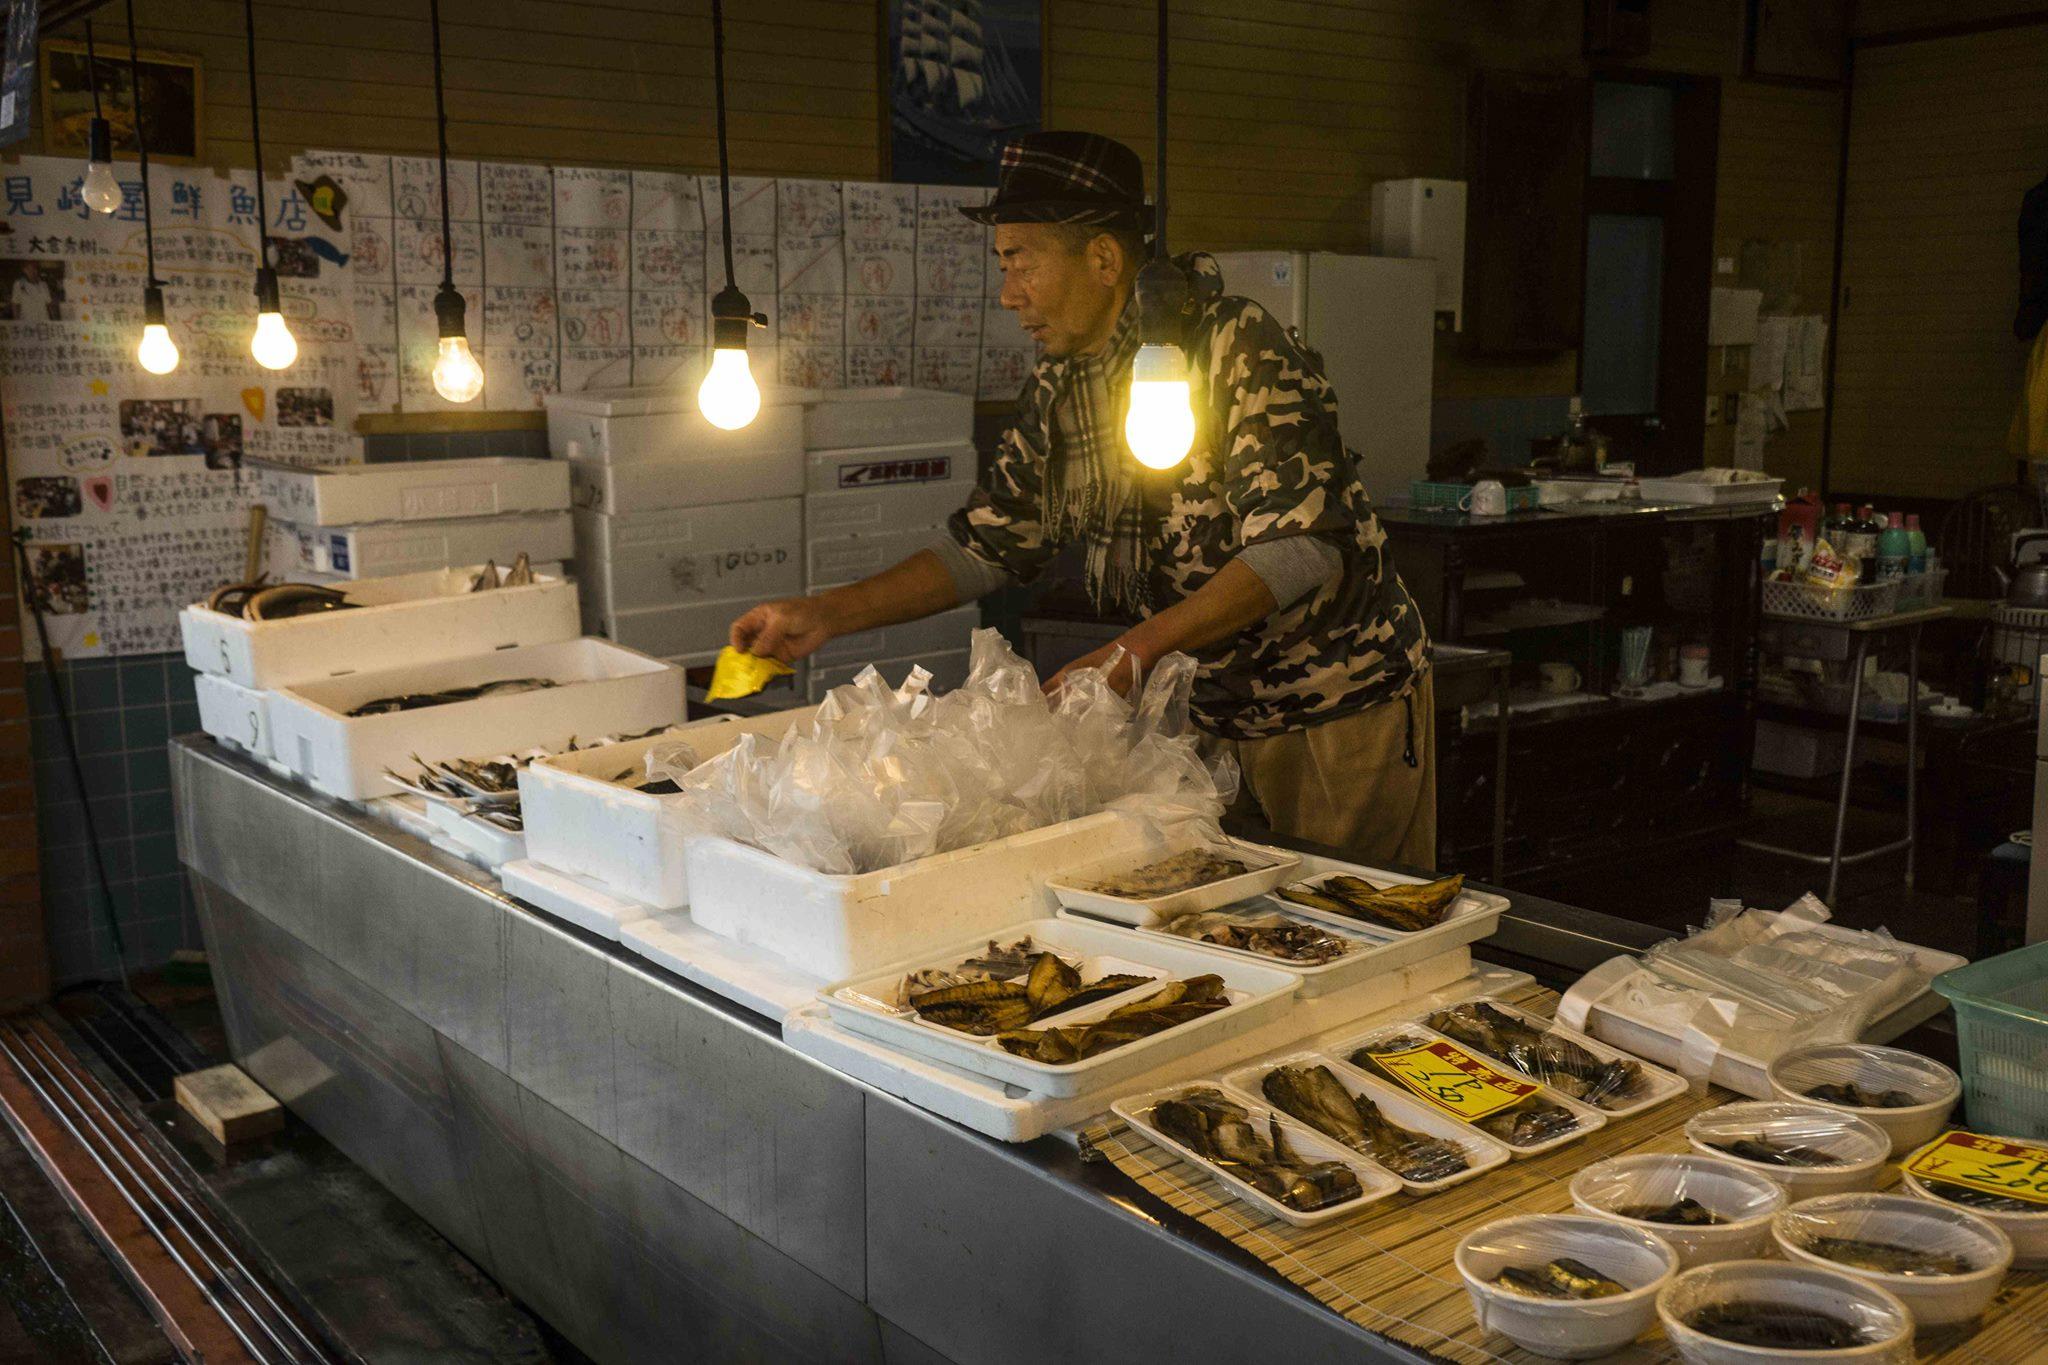 【インタビュー】フレッシュ本町の名物鮮魚店「見崎屋鮮魚店」のワイルド店長に突撃インタビューしてきた!